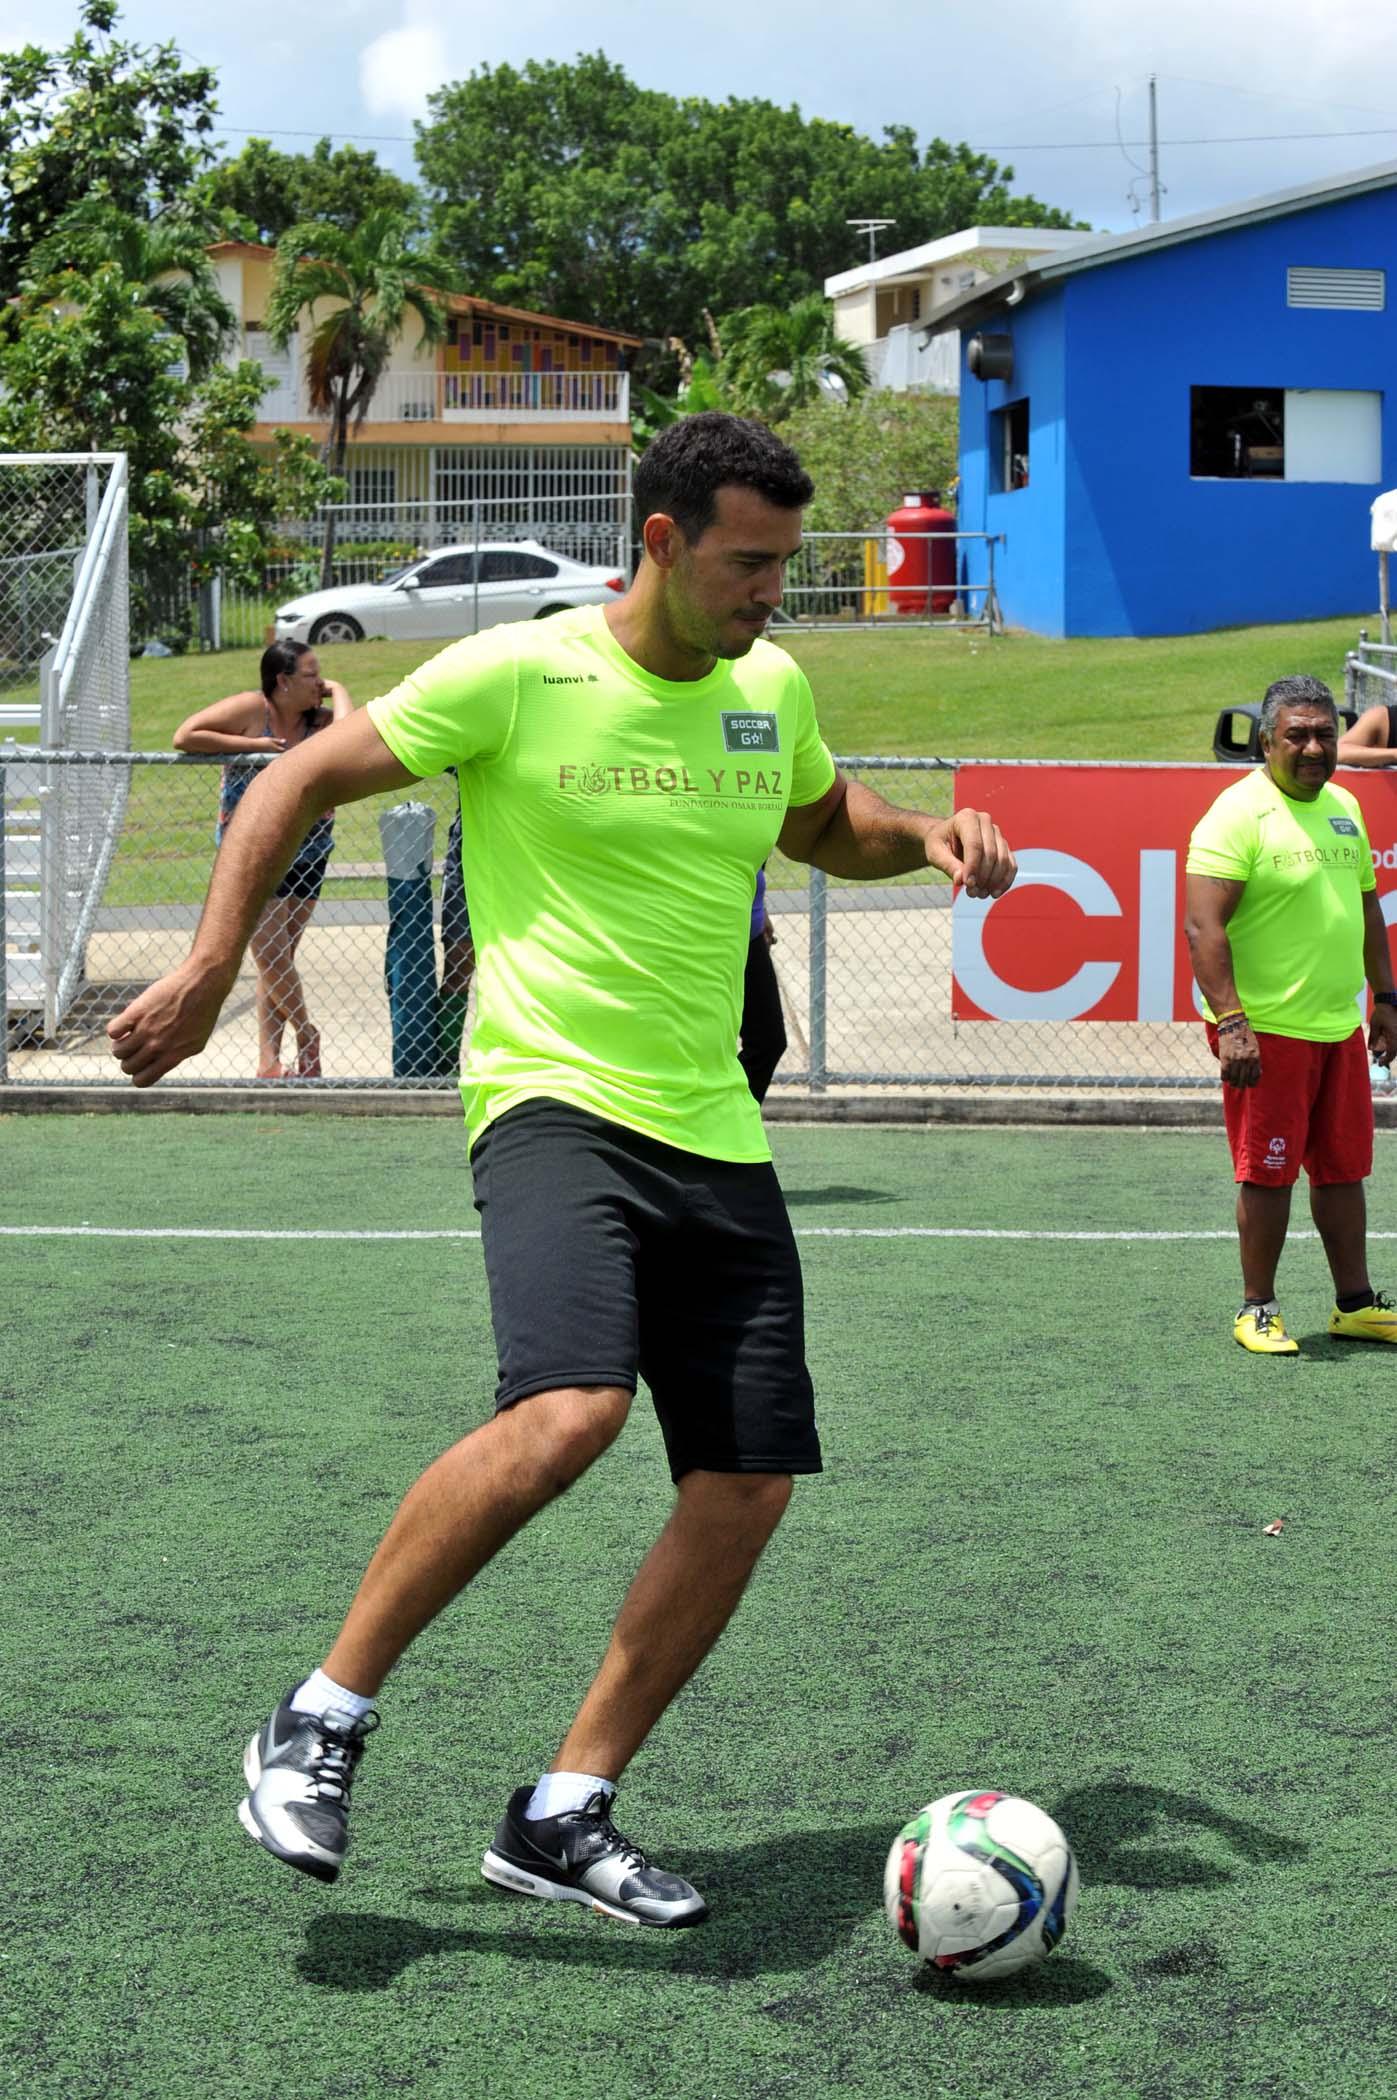 Jugador del equipo verde